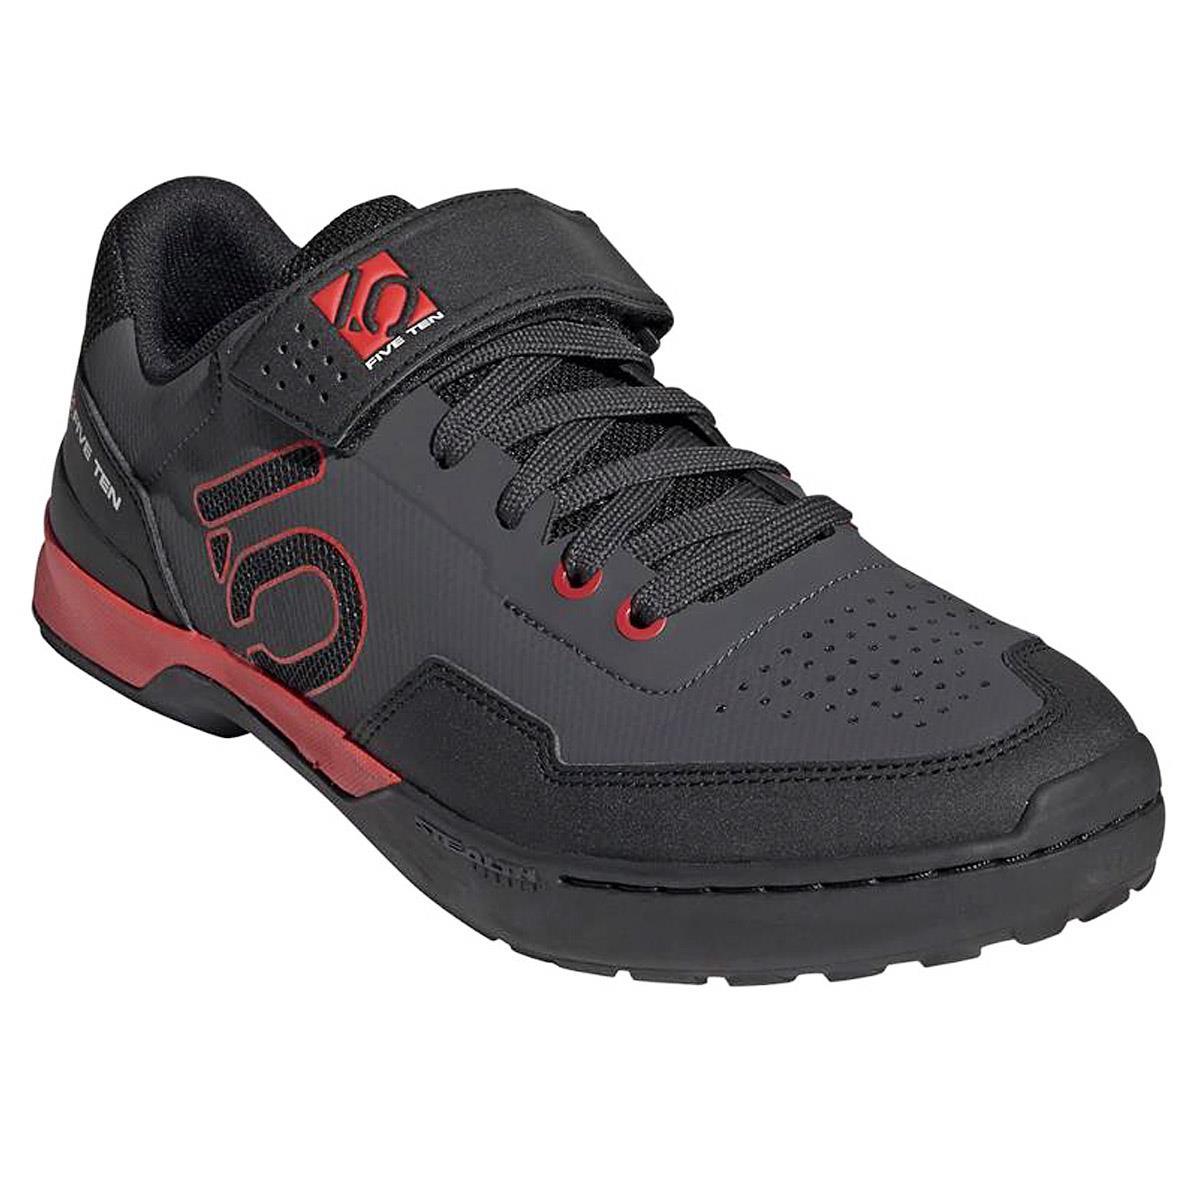 Five Ten MTB-Schuhe Kestrel Lace Clipless Carbon/Core Black/Red